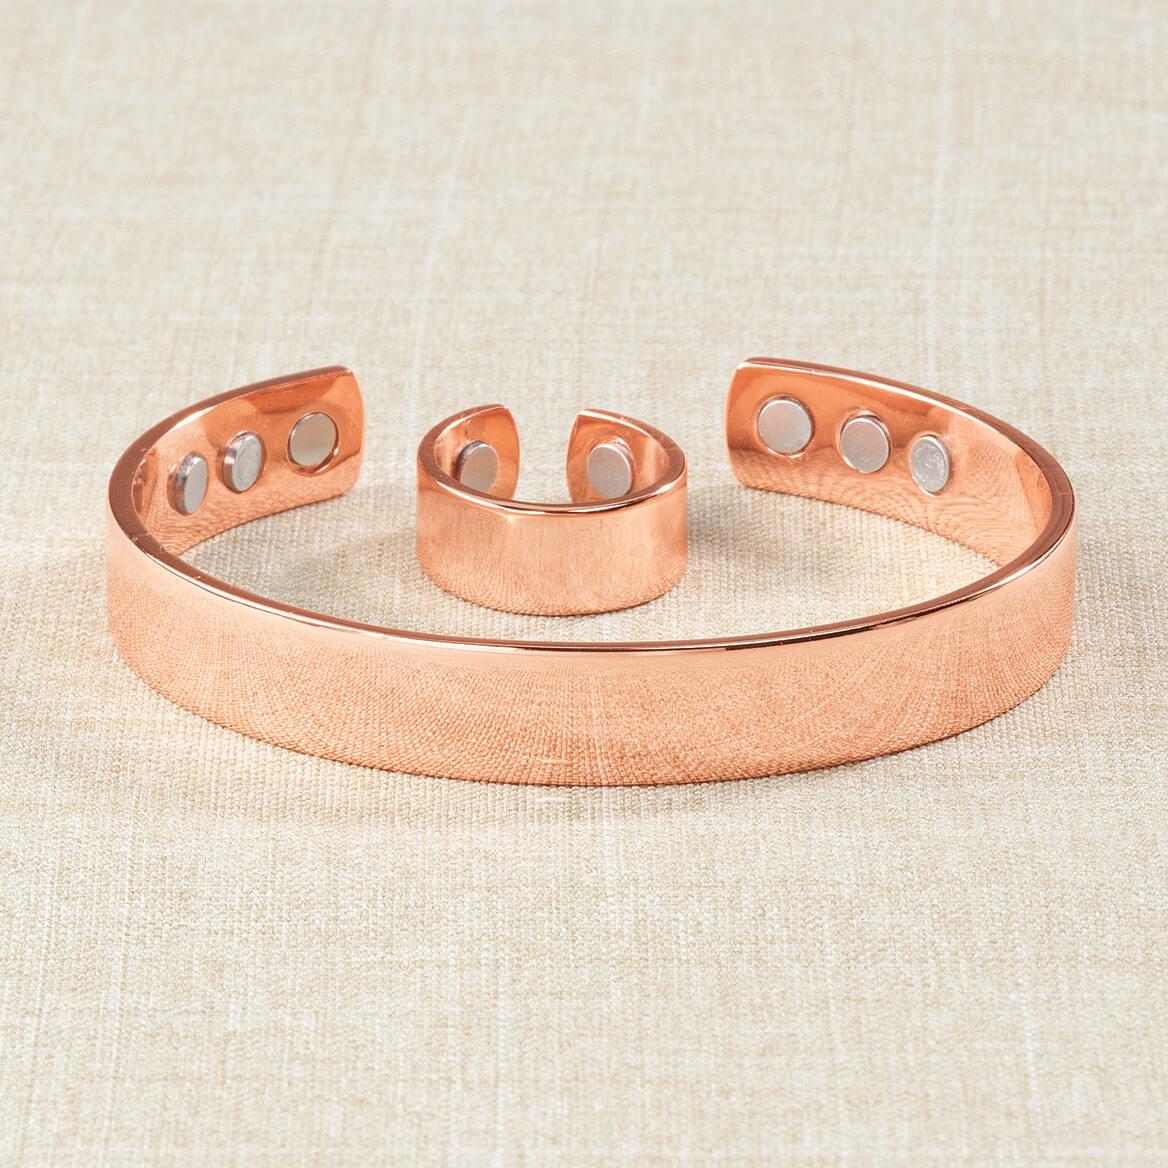 Copper Magnetic Ring and Bracelet Set-361571